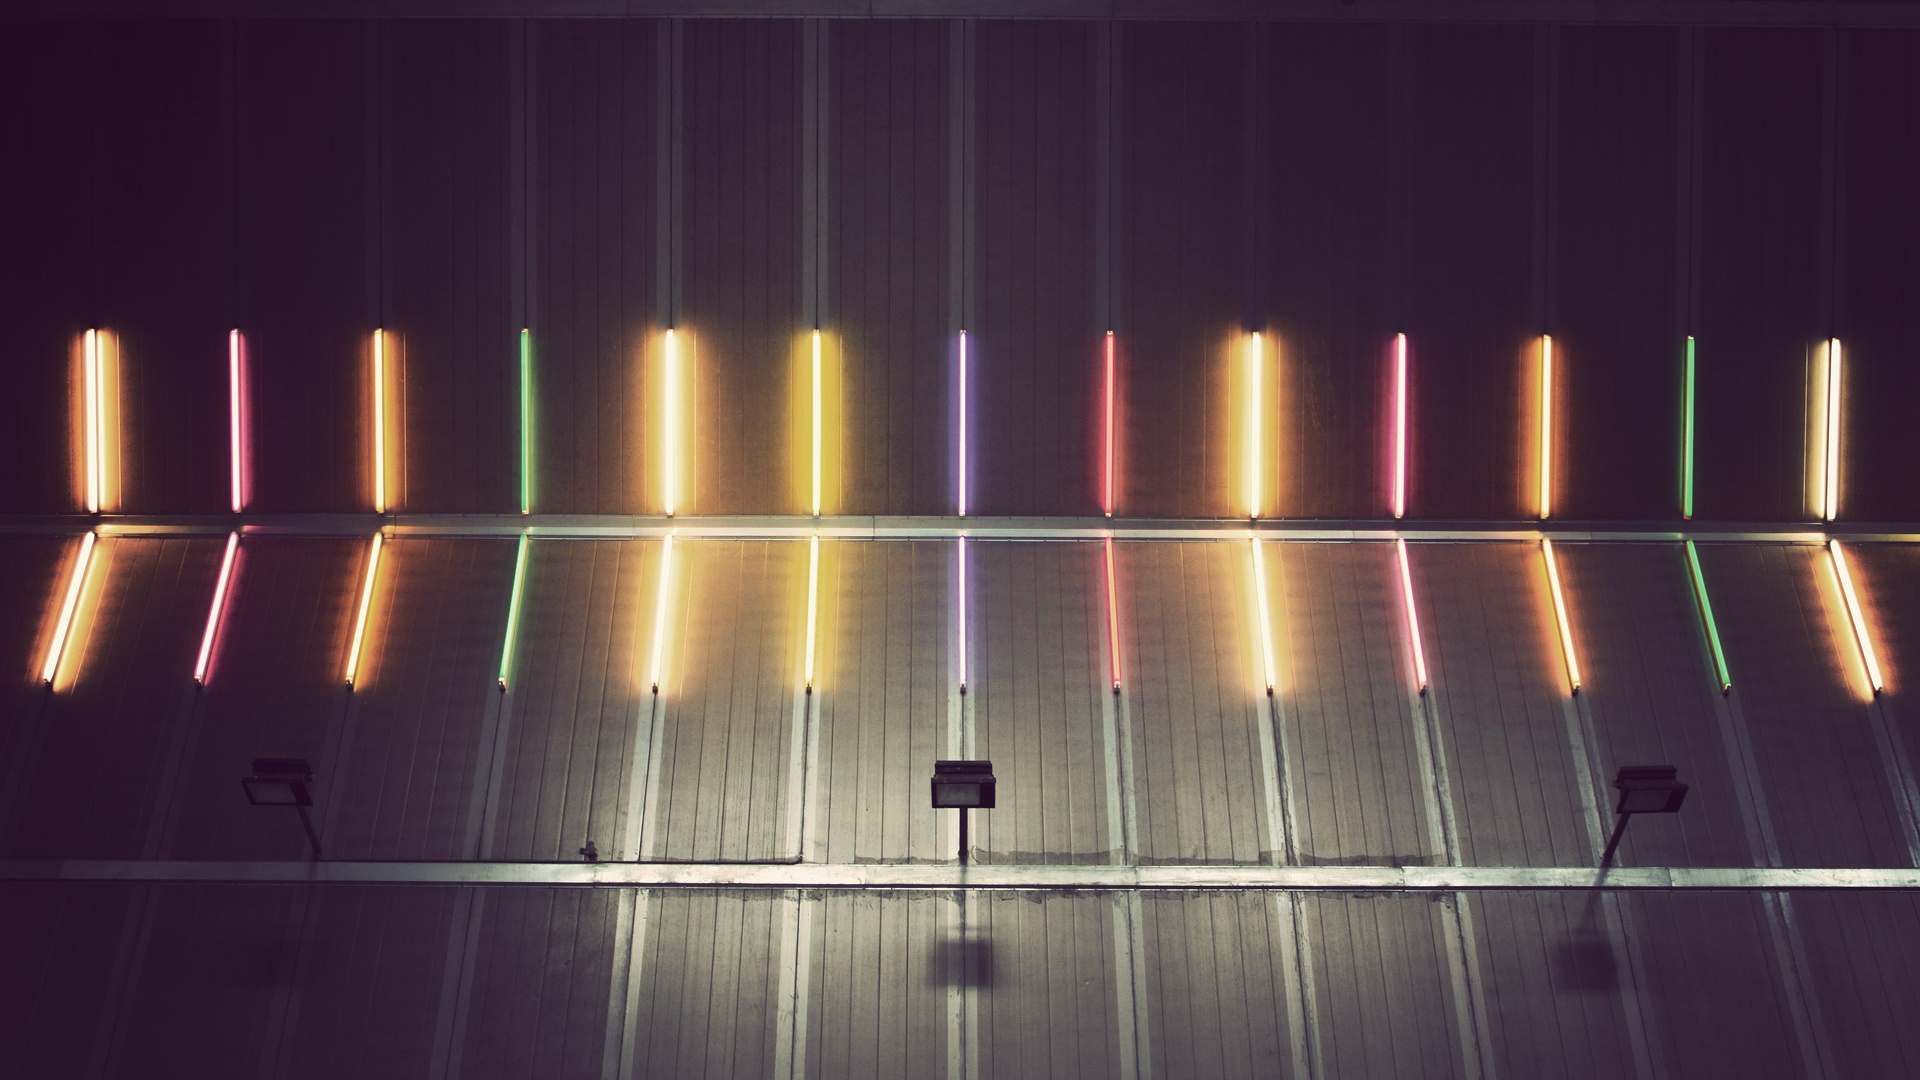 colored neon lights desktop wallpaper 62461